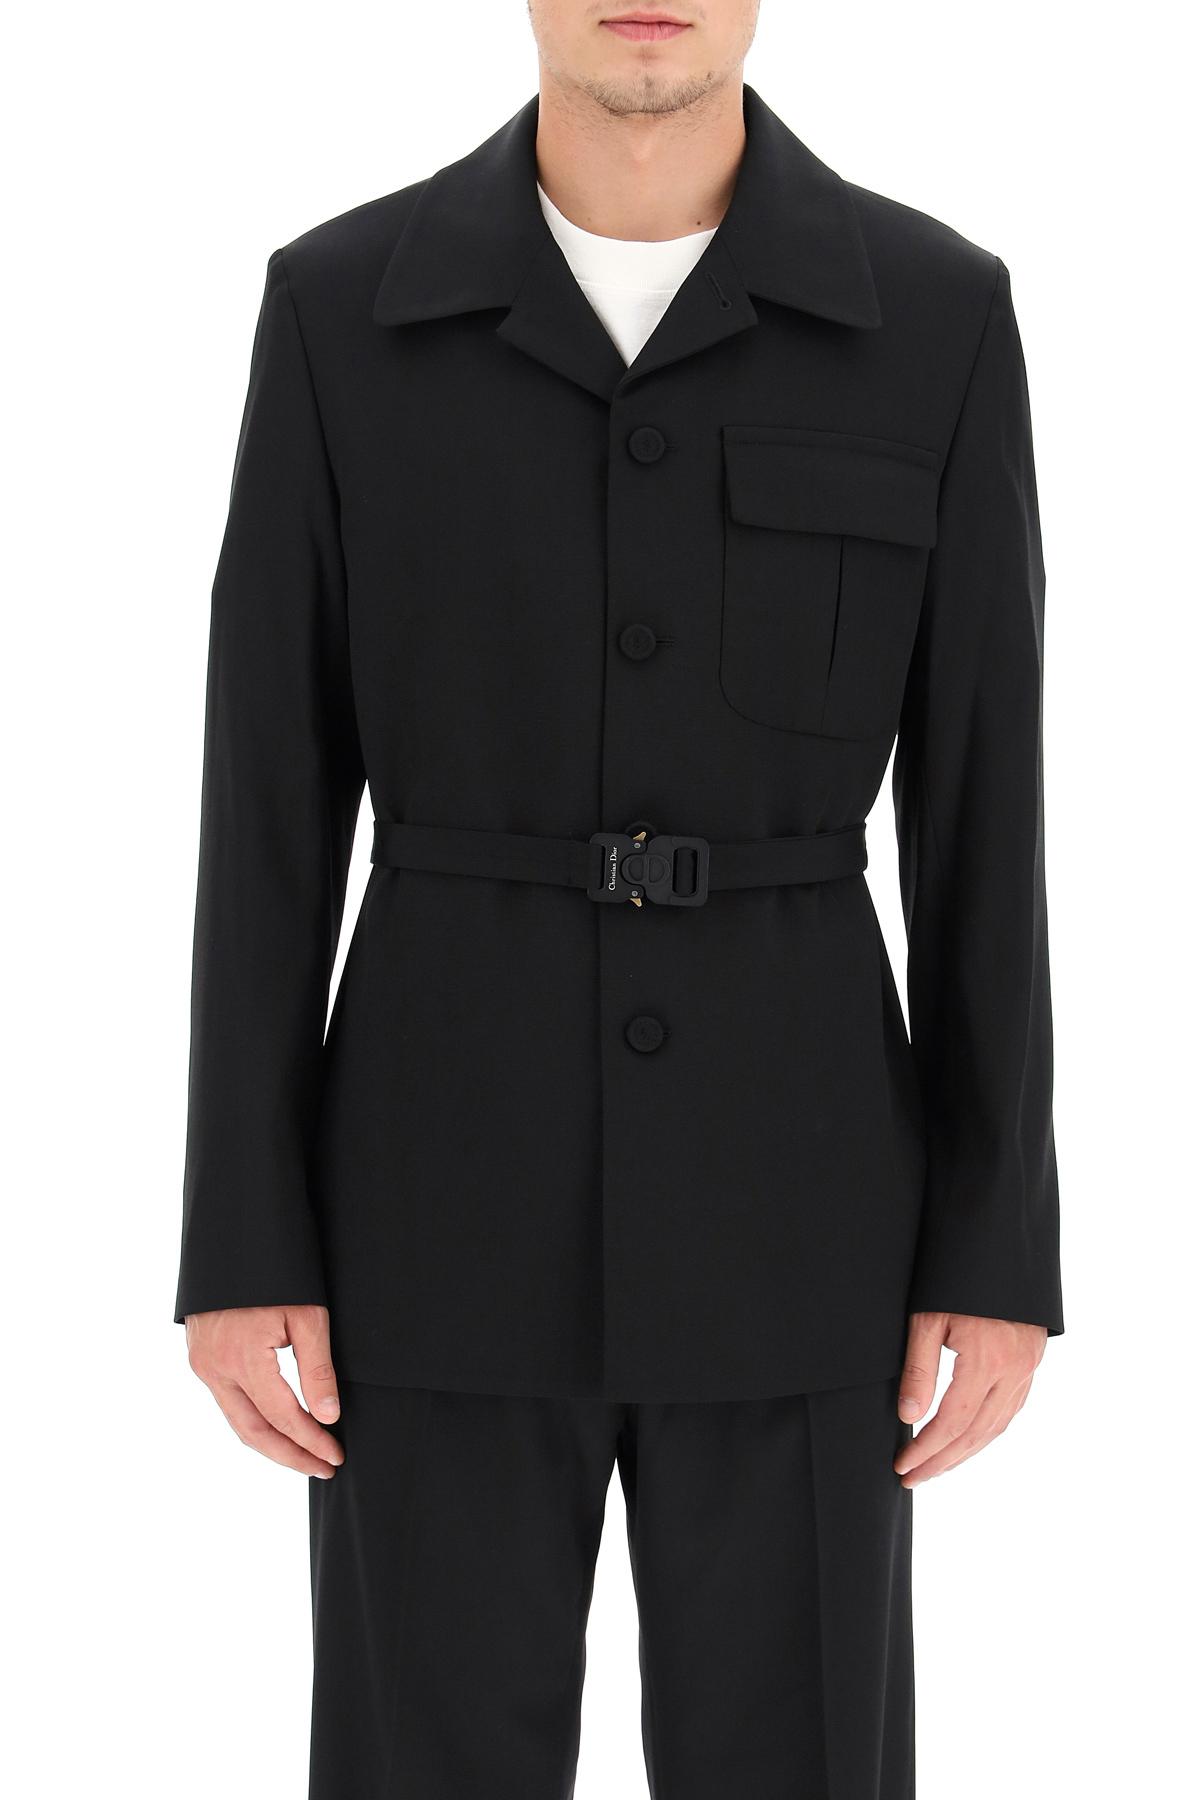 Dior cappotto monopetto